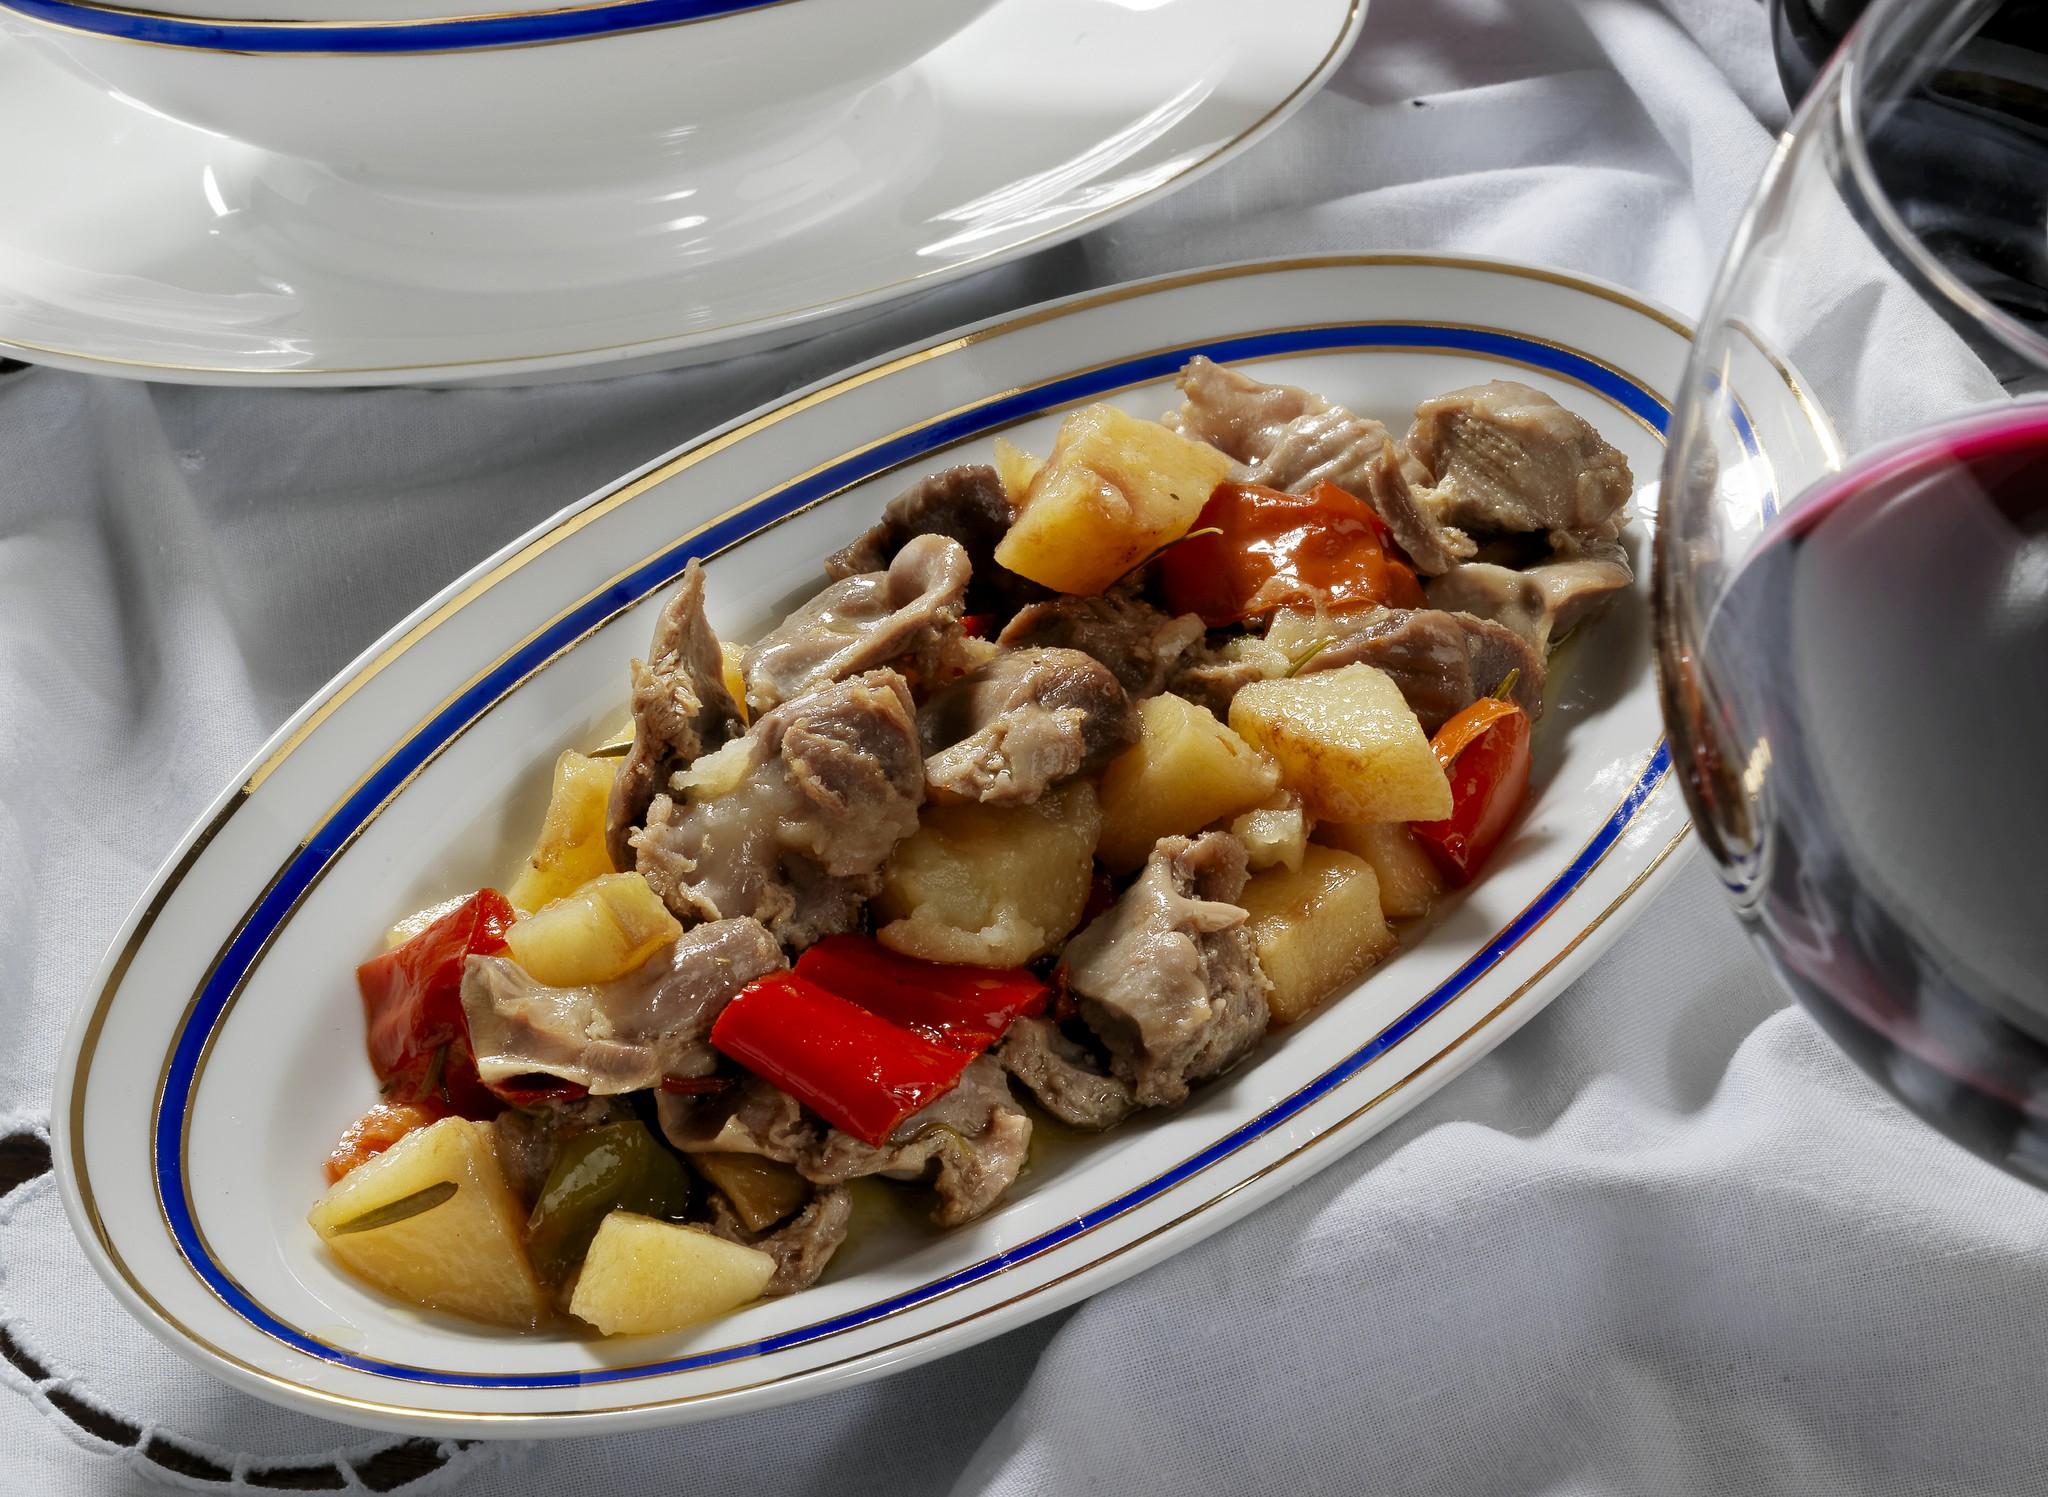 Antipasto Di Fegatini Cucina Cucina Teramana Cucina Abruzzese  #182473 2048 1497 Ricette Di Cucina Disegni